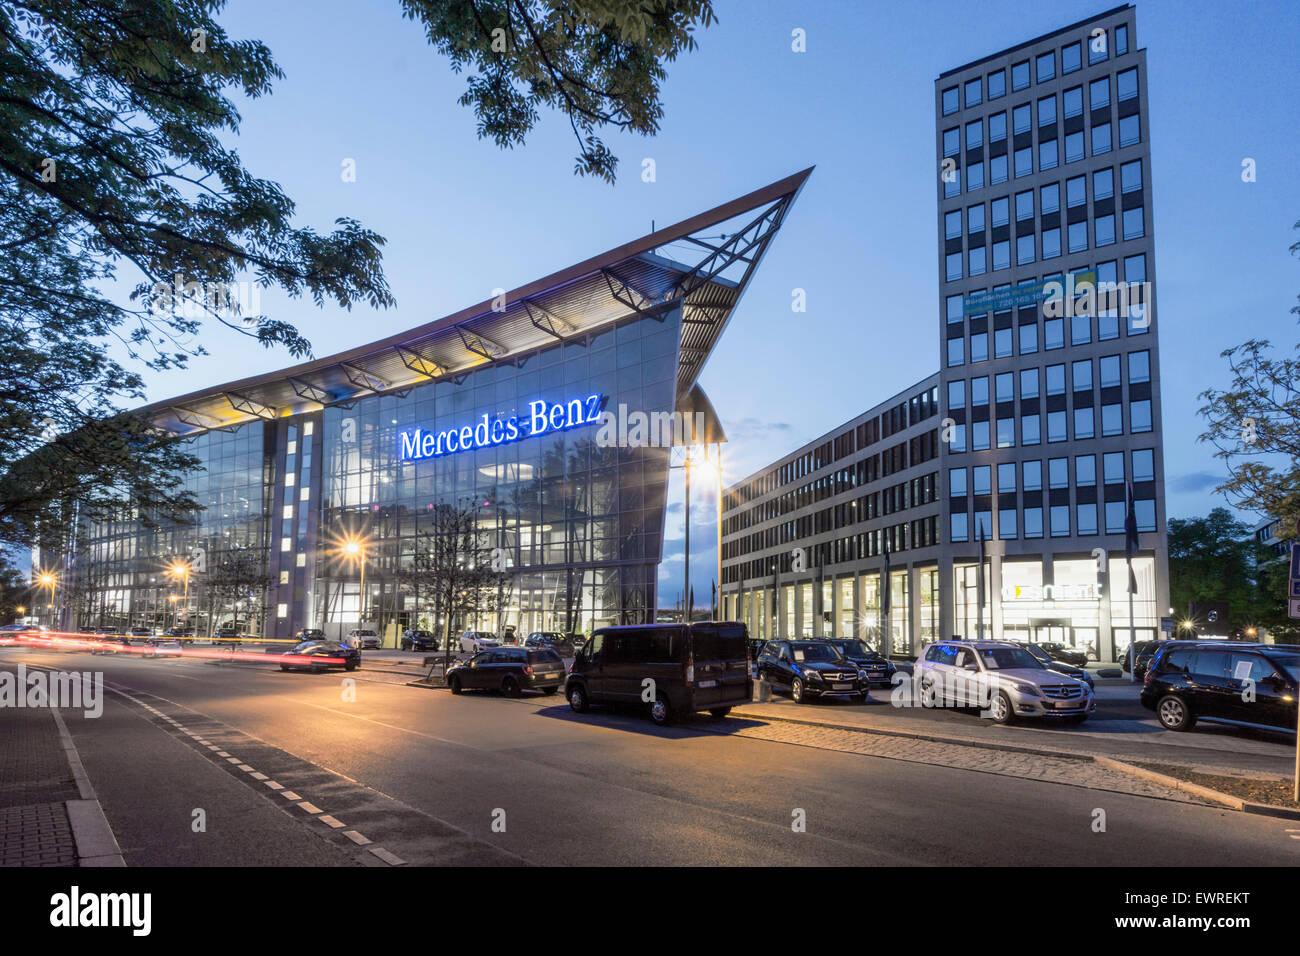 Mercedes Benz Branch Office, Tiergarten, Berlin - Stock Image